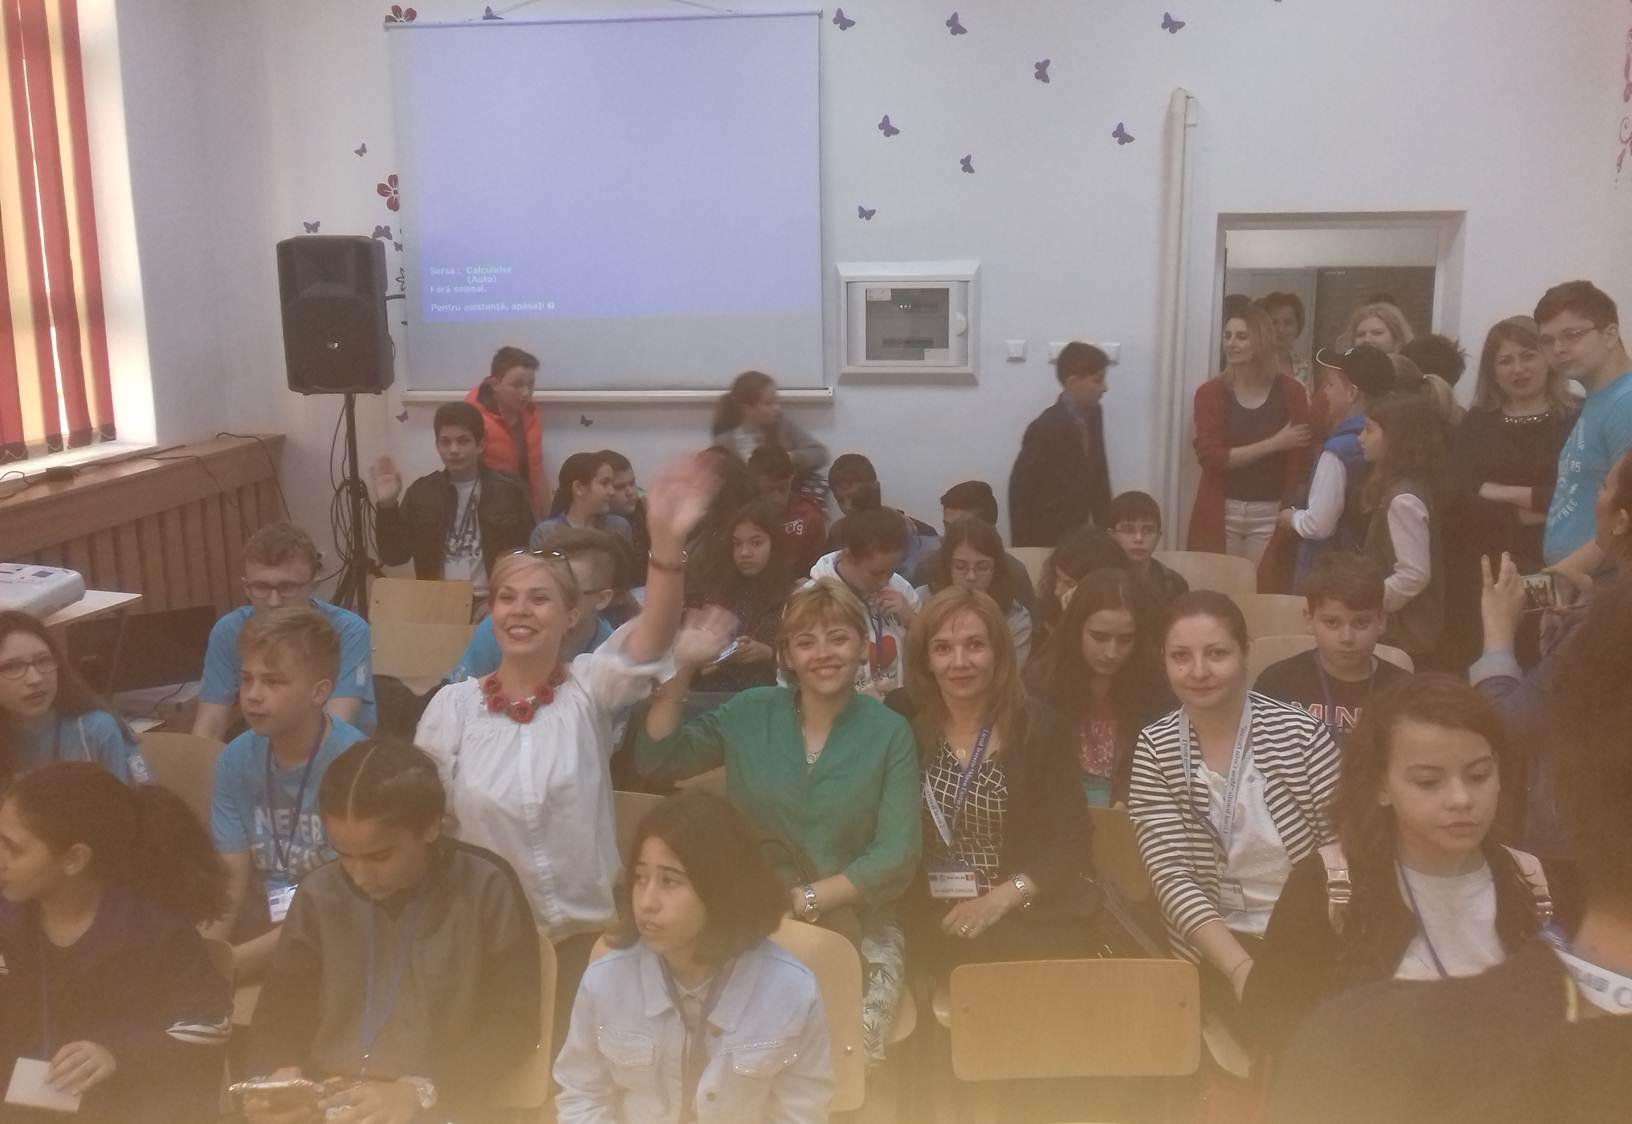 Școala Gimnazială ,,Zaharia Stancu,,- Roșiorii de Vede, partener înProiectul ERASMUS KA 2 ,,NEVER GIVE UP!,,